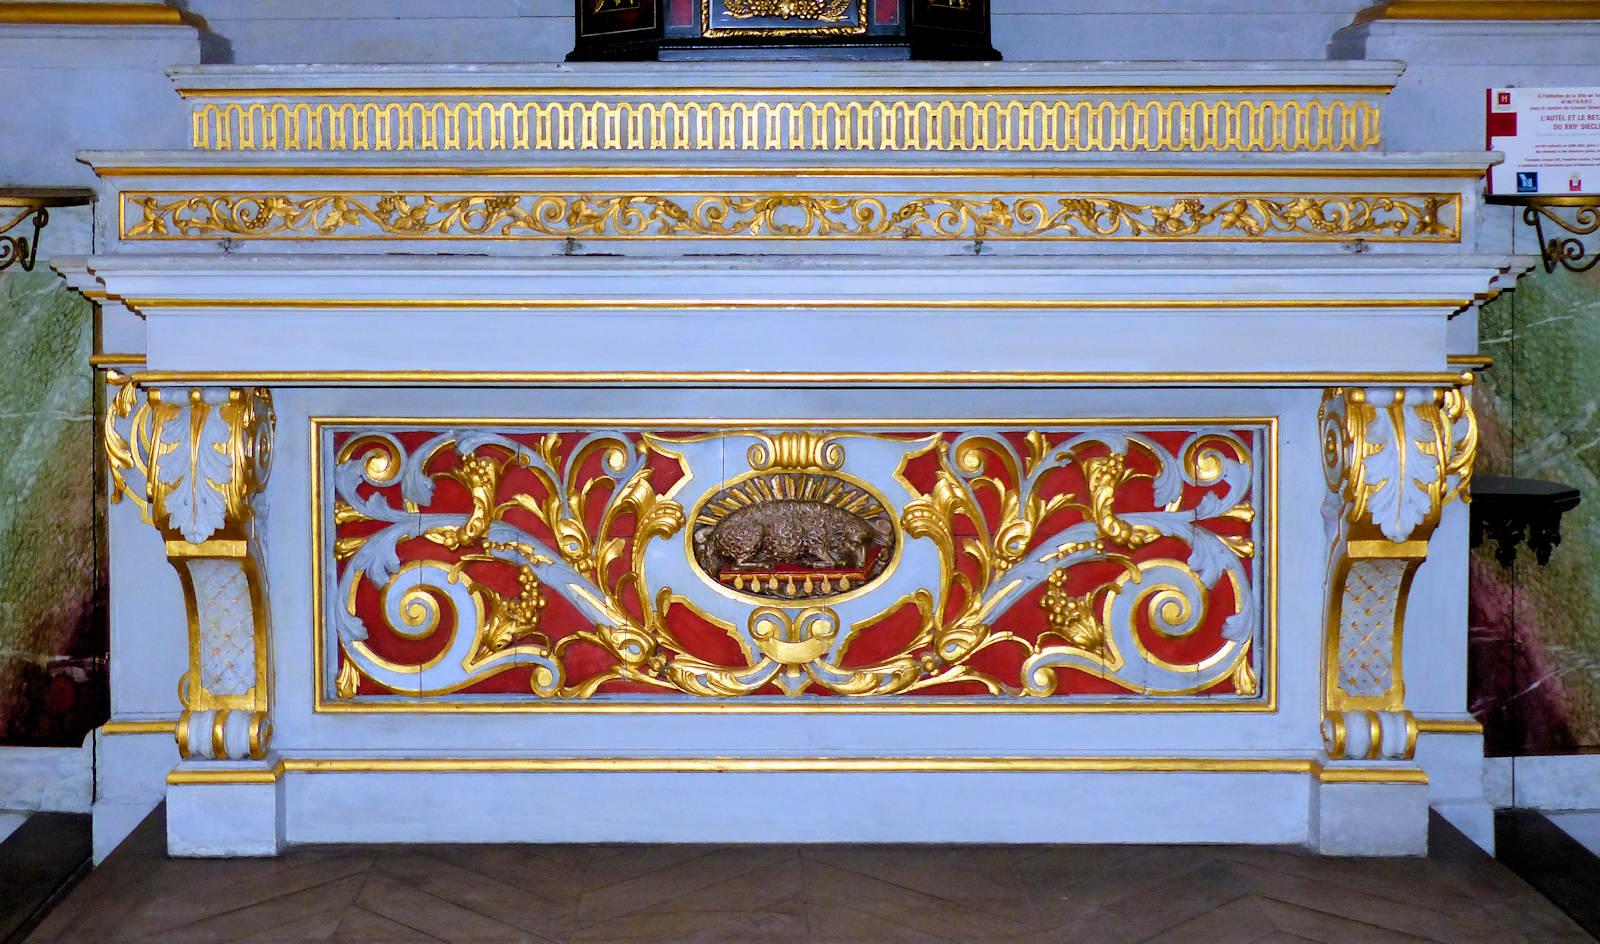 Photo Chapelle Hospice d'Havré, Tourcoing - L'autel